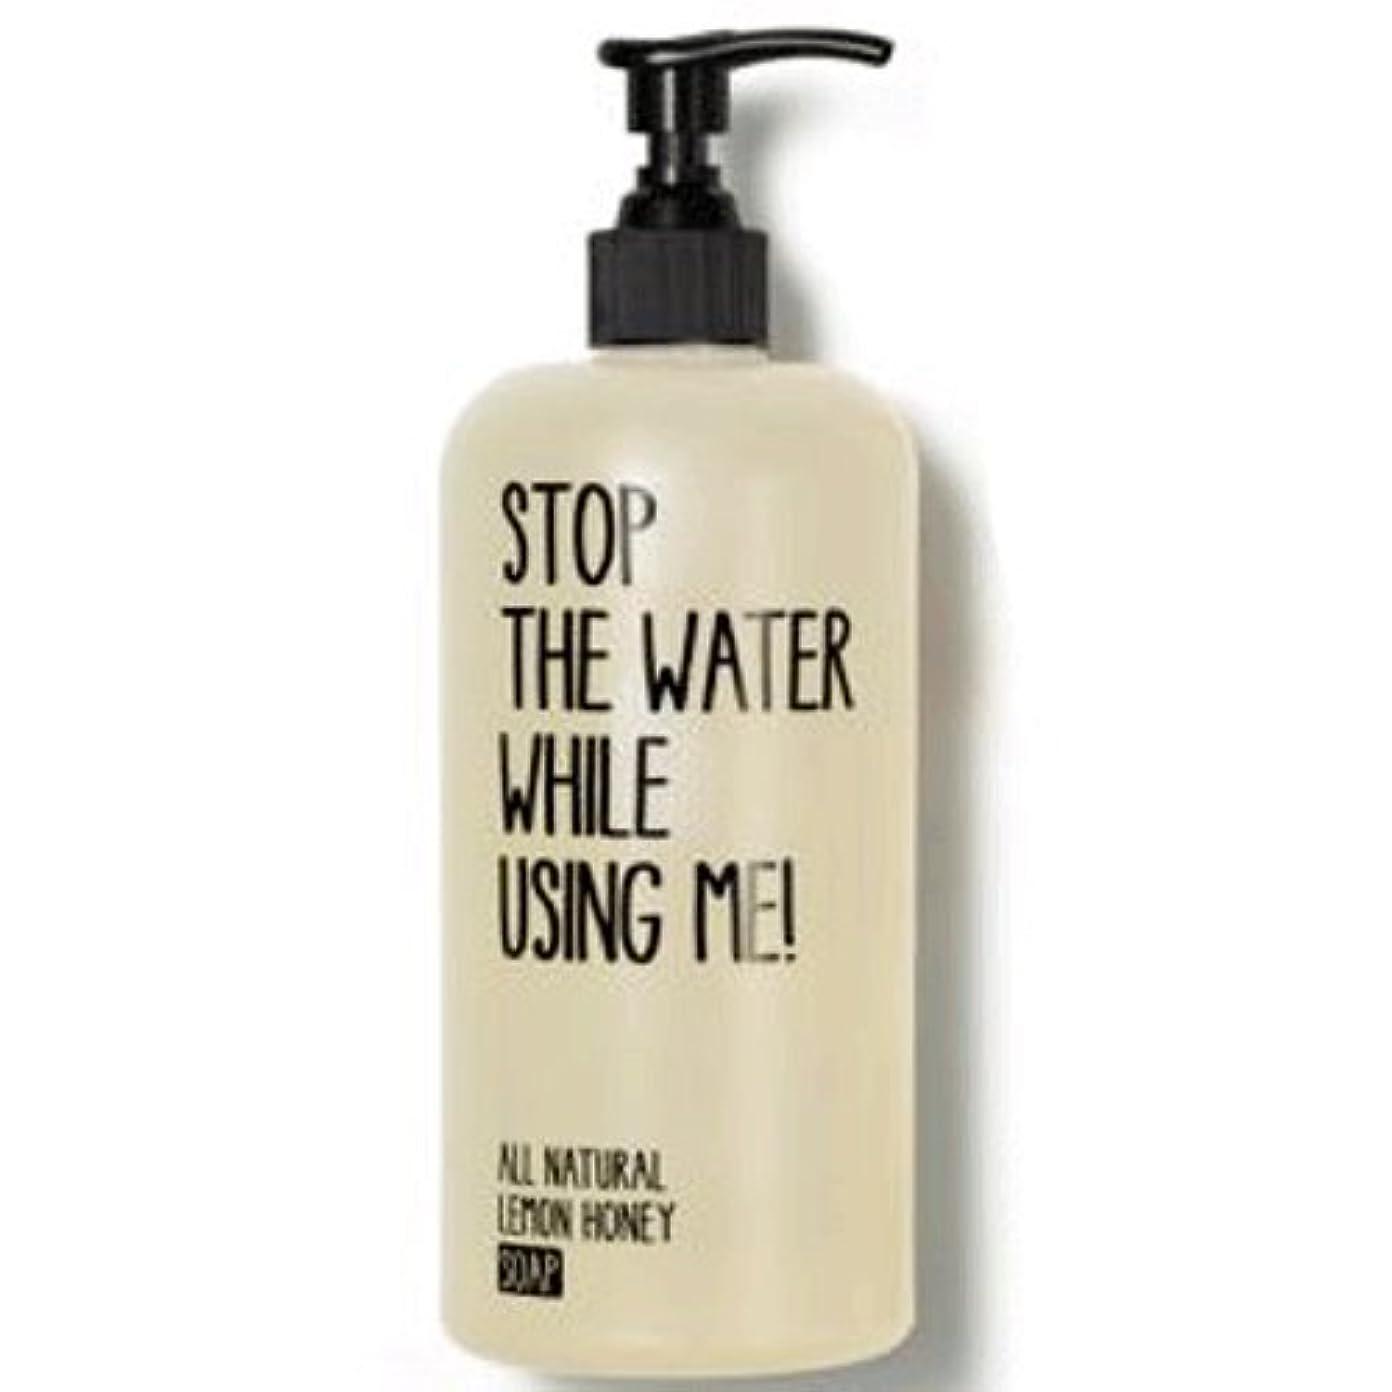 憲法測定悪党【STOP THE WATER WHILE USING ME!】L&Hソープ(レモン&ハニー) 500ml [並行輸入品]